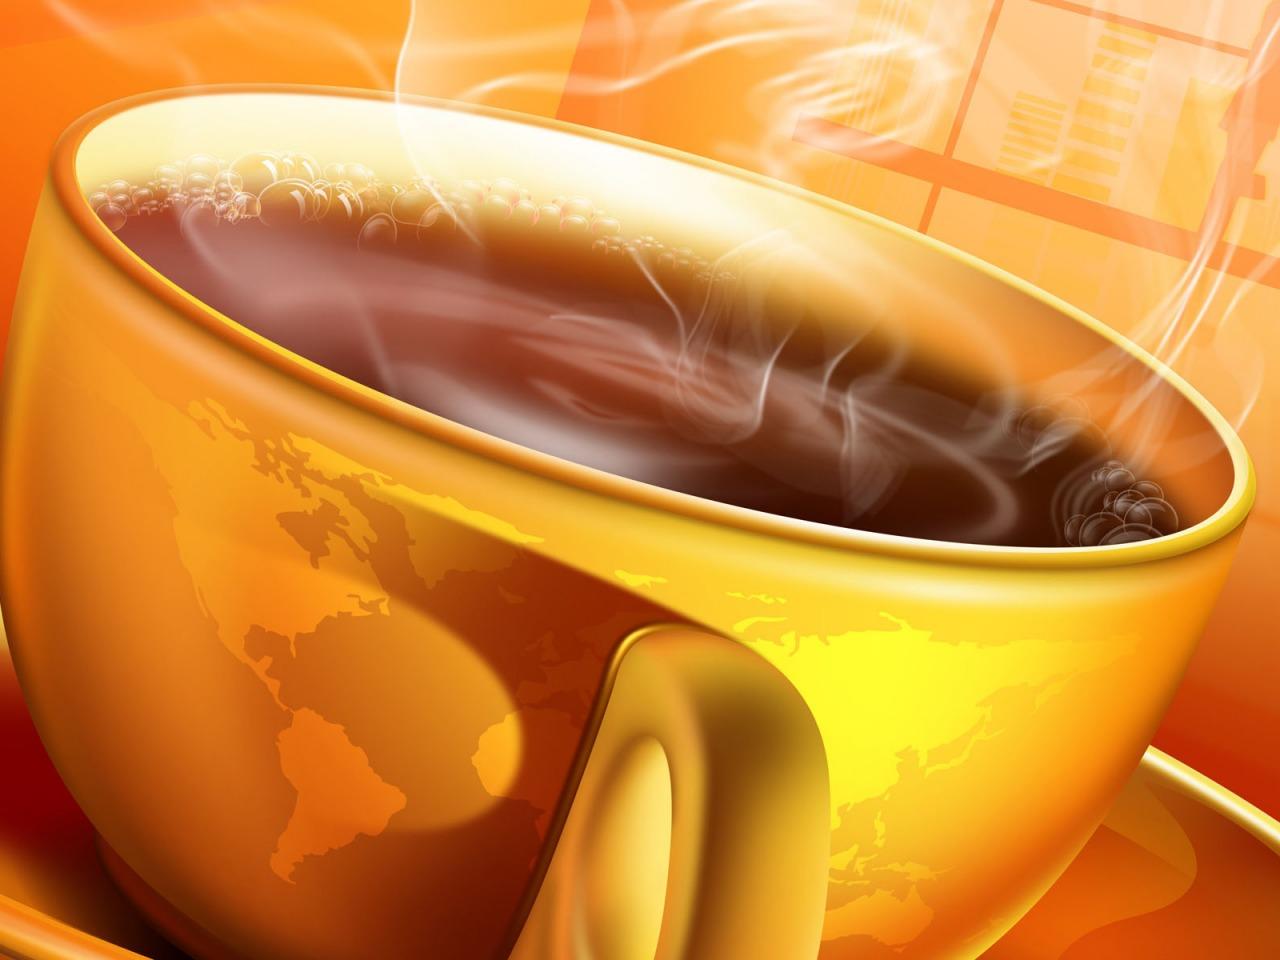 http://1.bp.blogspot.com/_kLysEexFhmI/TMx7GsqUQ1I/AAAAAAAABOc/7xyTyAN7jYE/s1600/3d_coffee_cup_wallpaper_3d_models_3d_wallpaper_1280_960_77.jpg